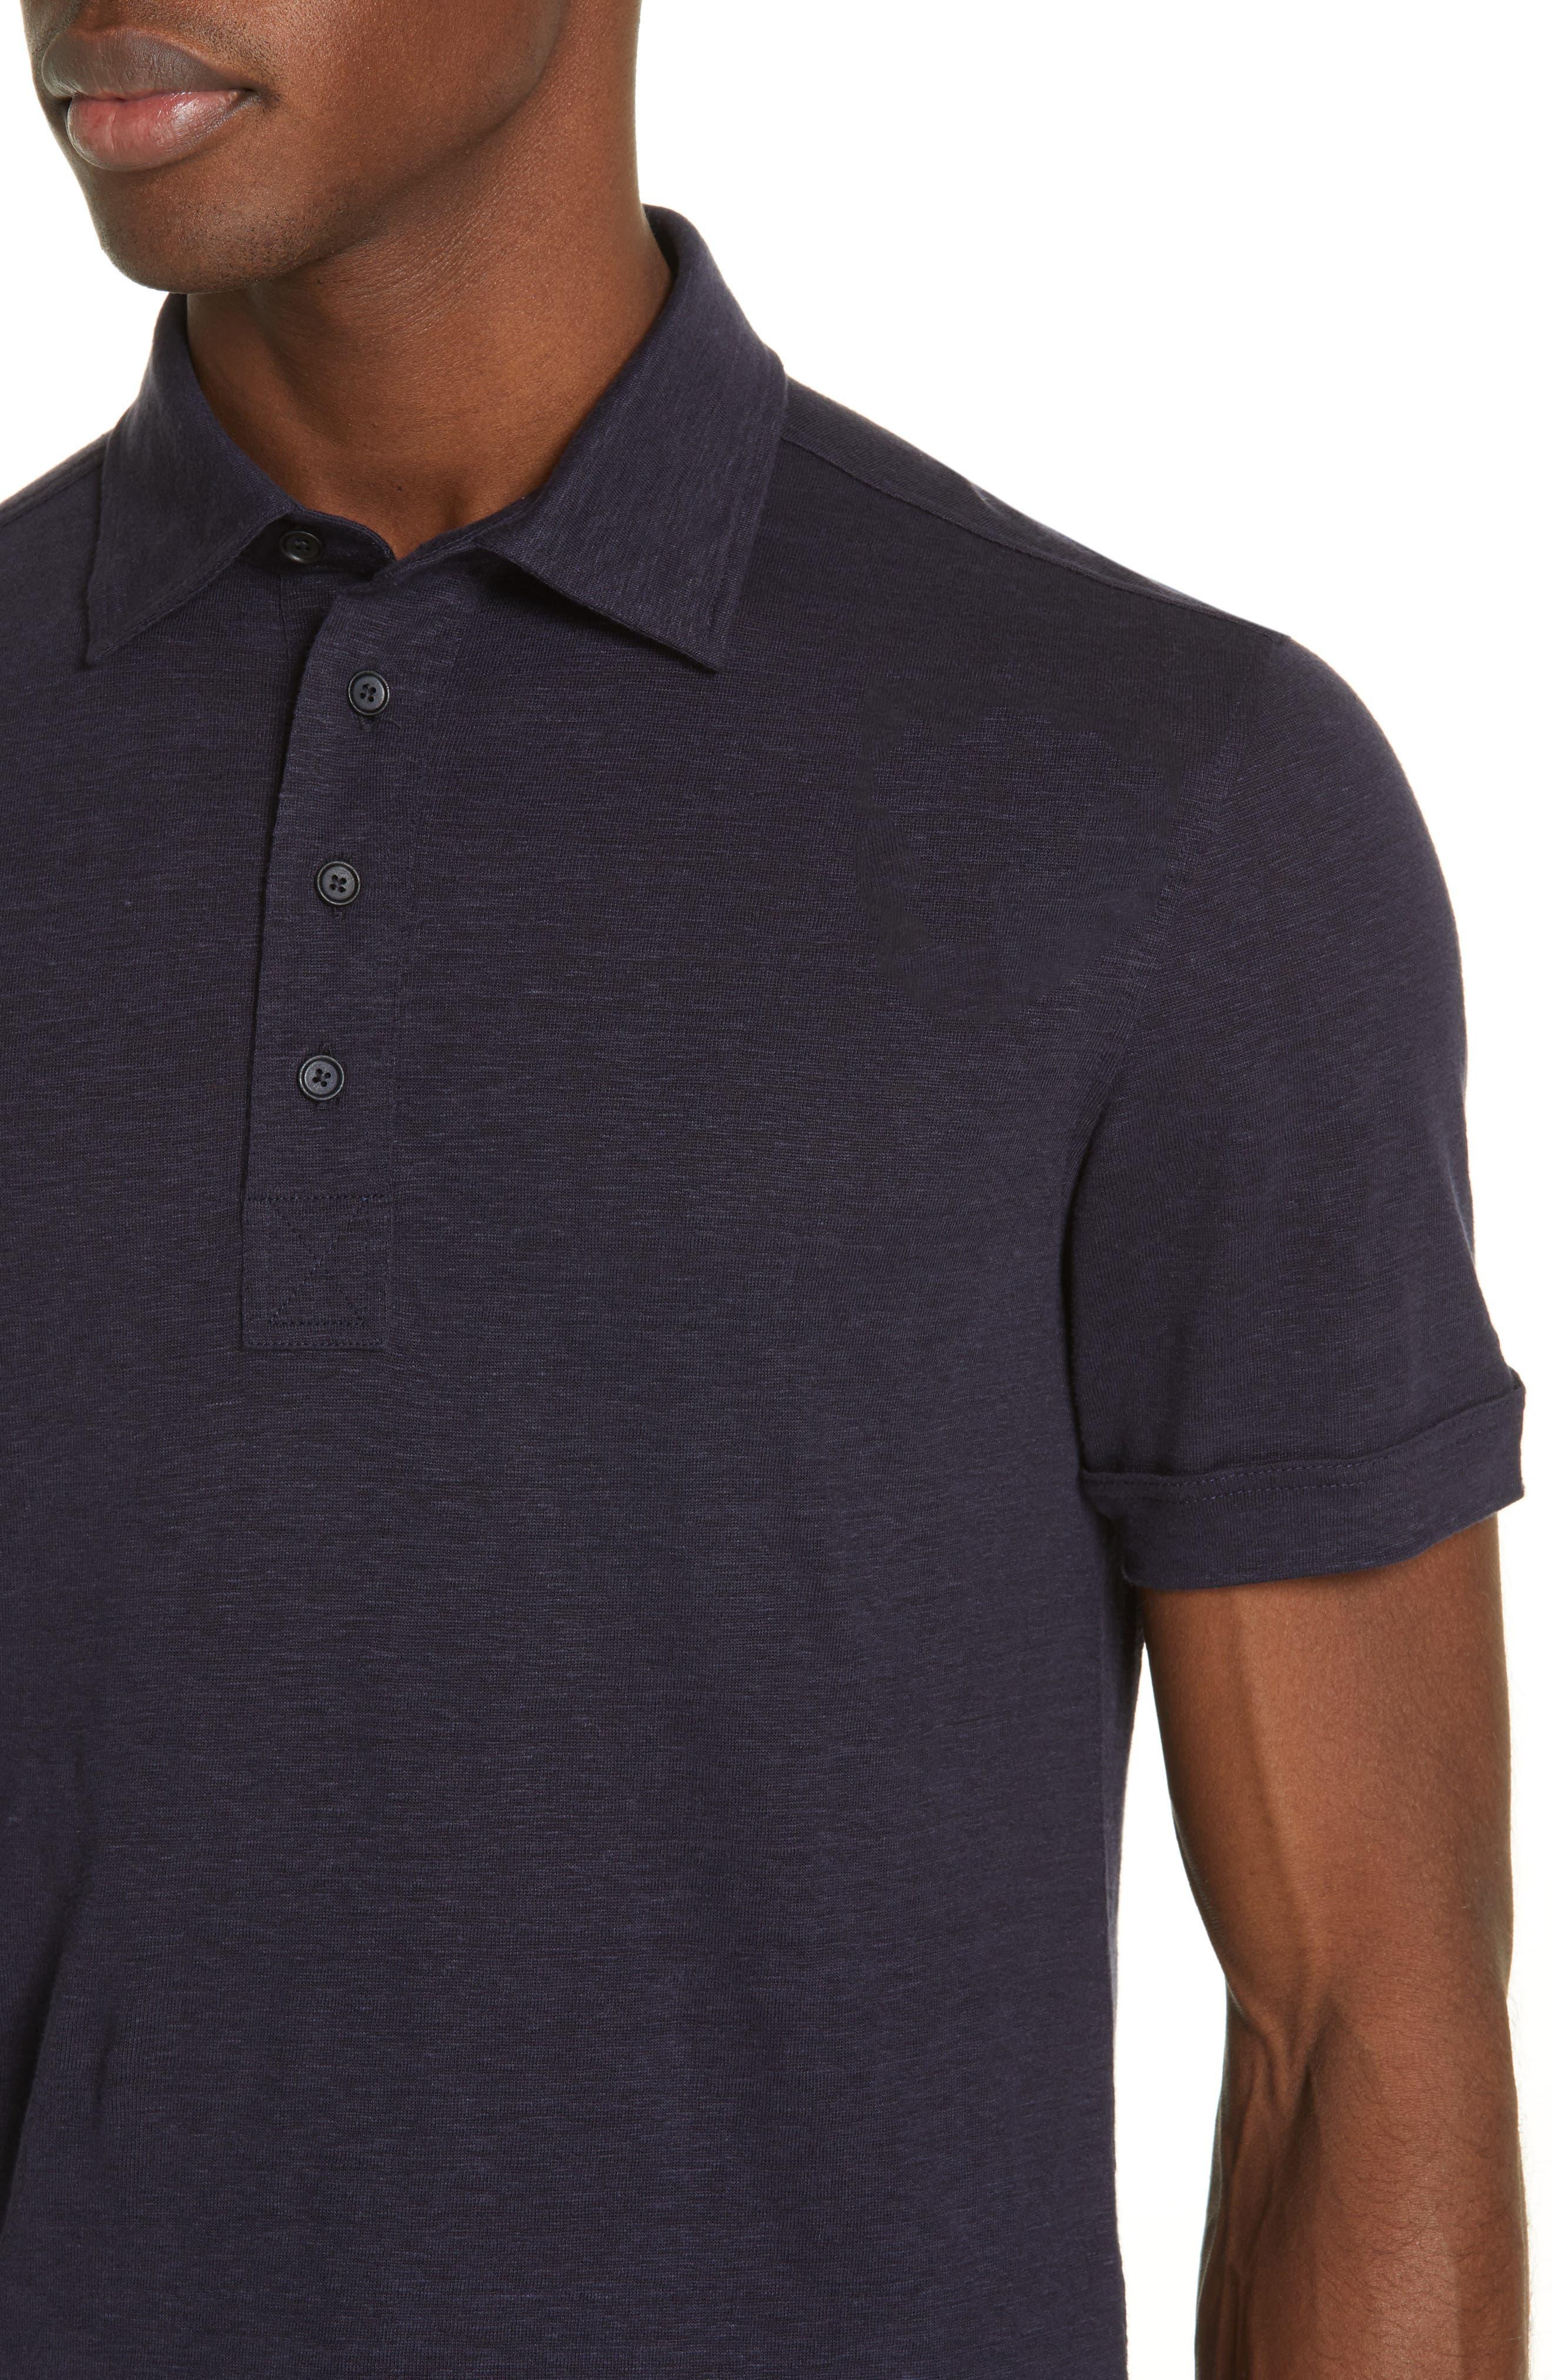 ERMENEGILDO ZEGNA, Ermenegilda Zegna Linen Polo Shirt, Alternate thumbnail 4, color, NAVY